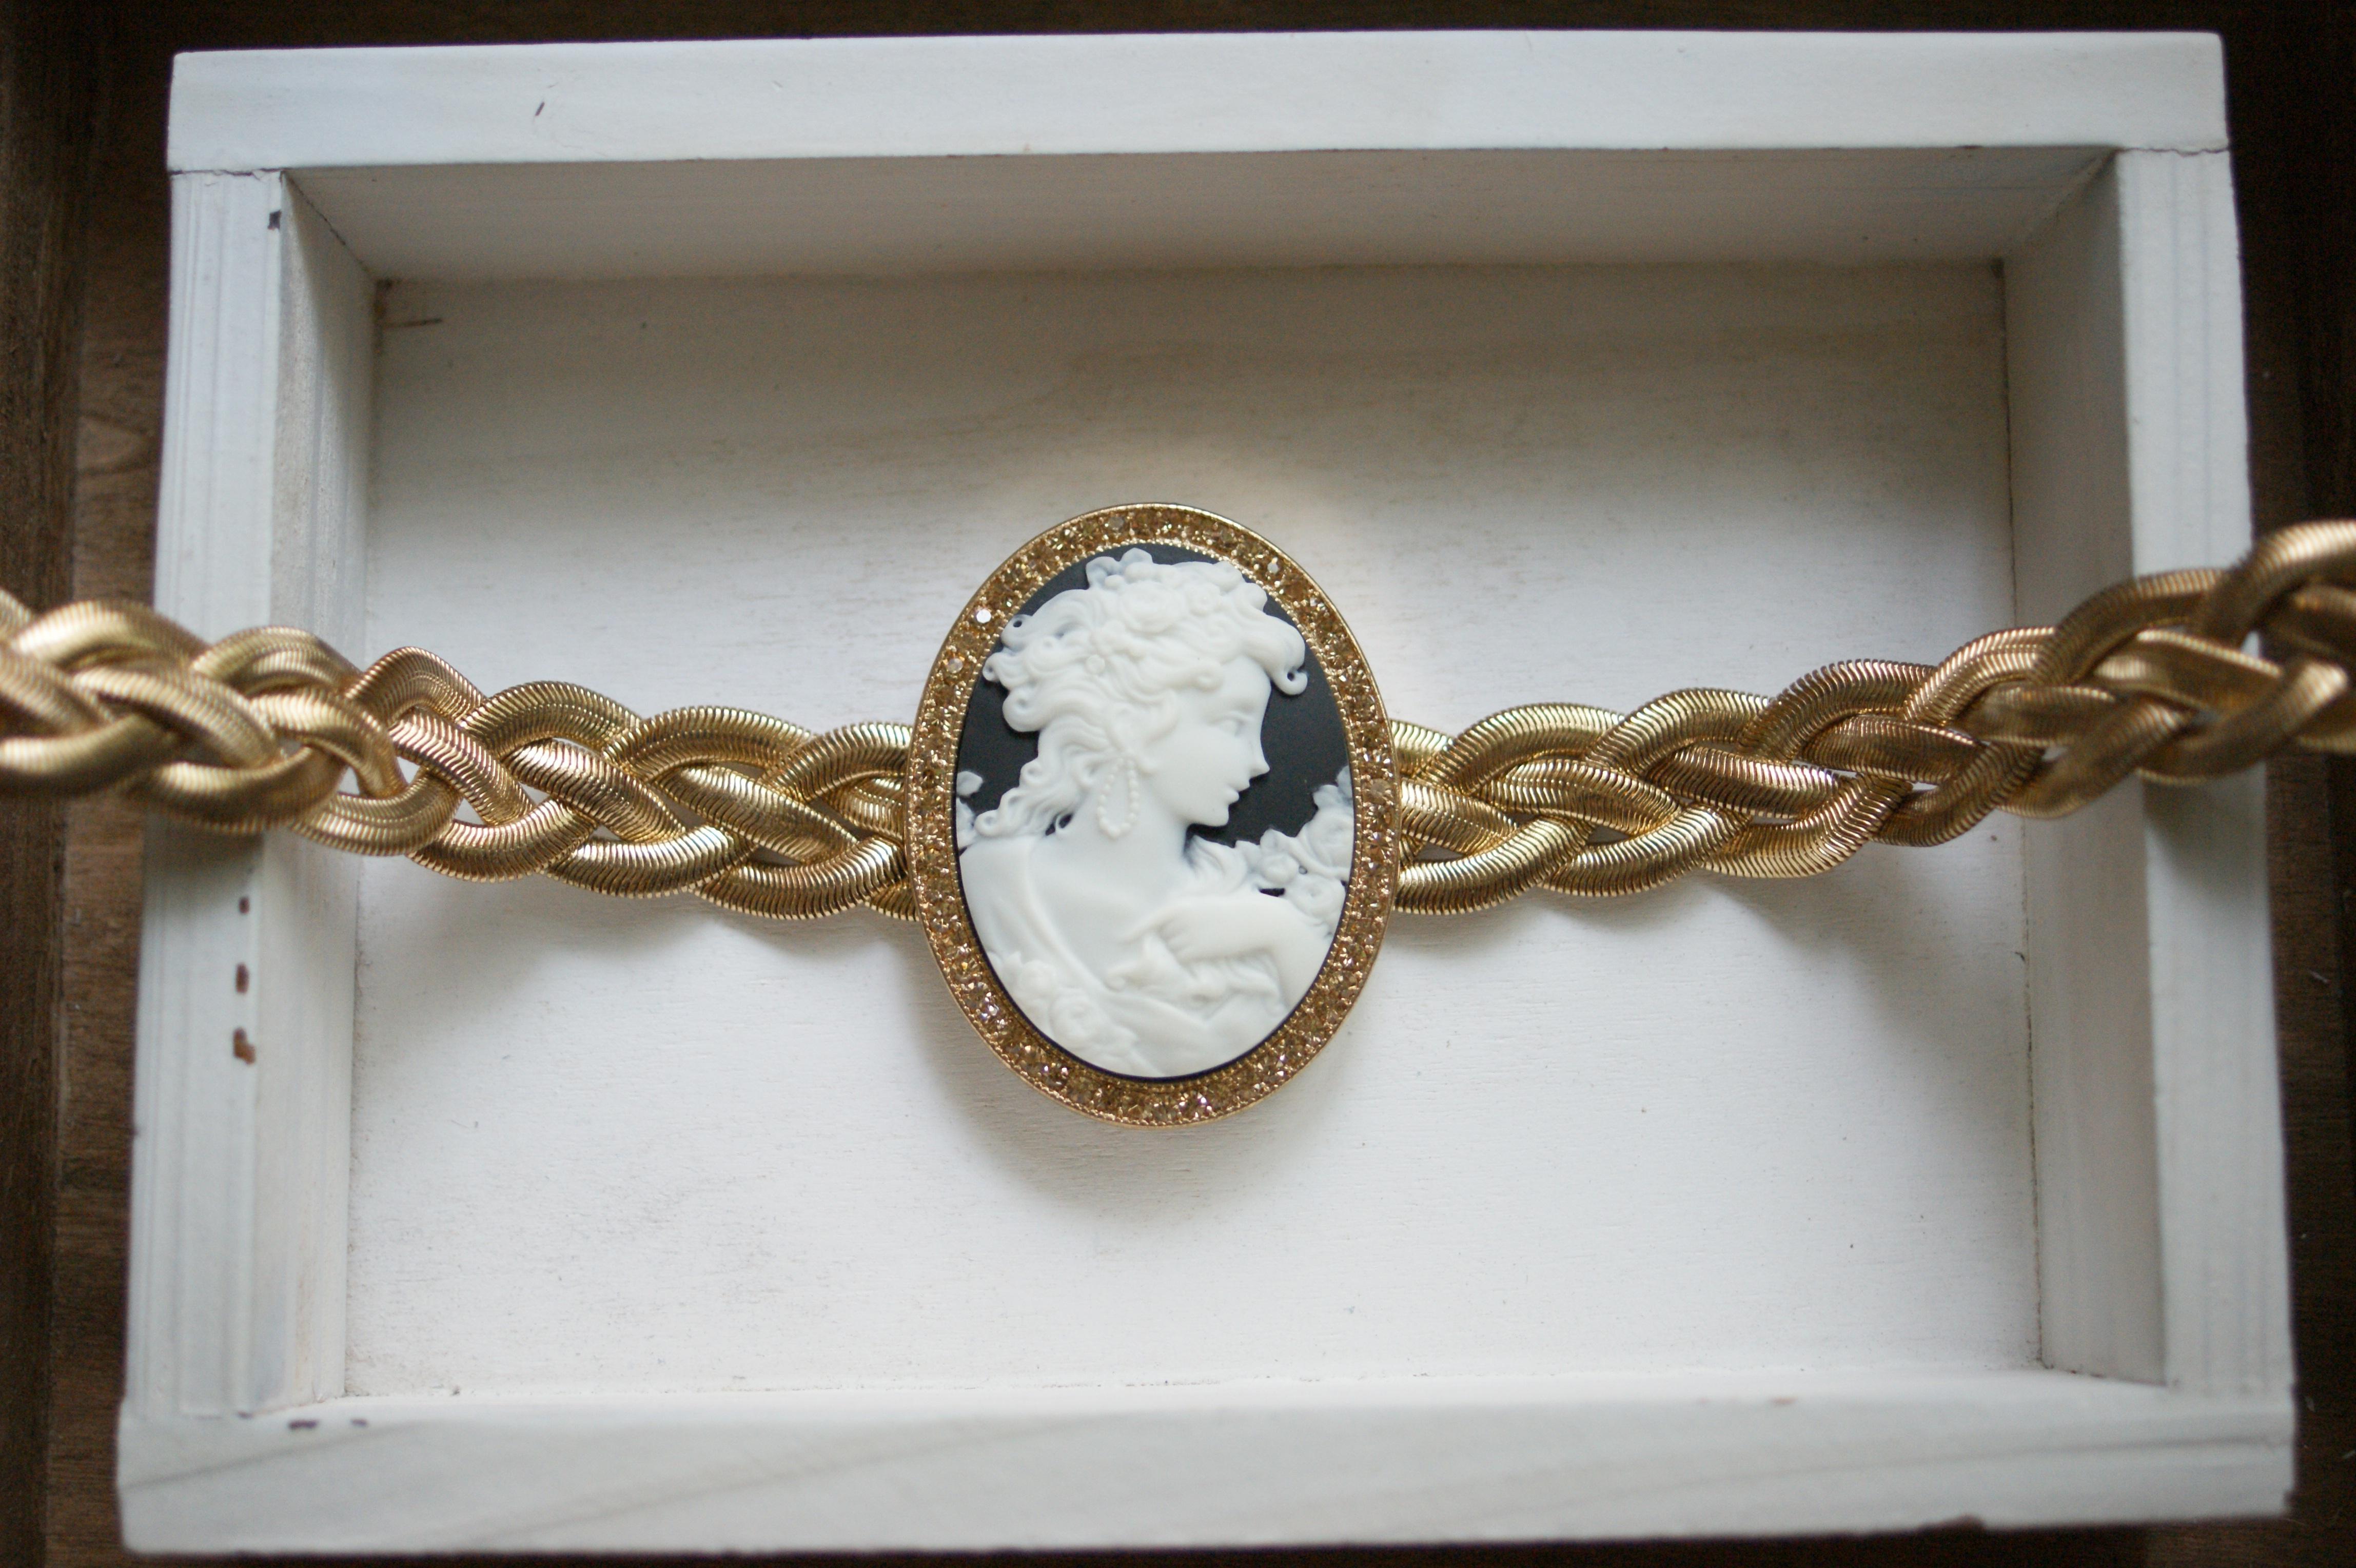 Fotos gratis : Retro, cadena, collar, pulsera, joyería, marco ...